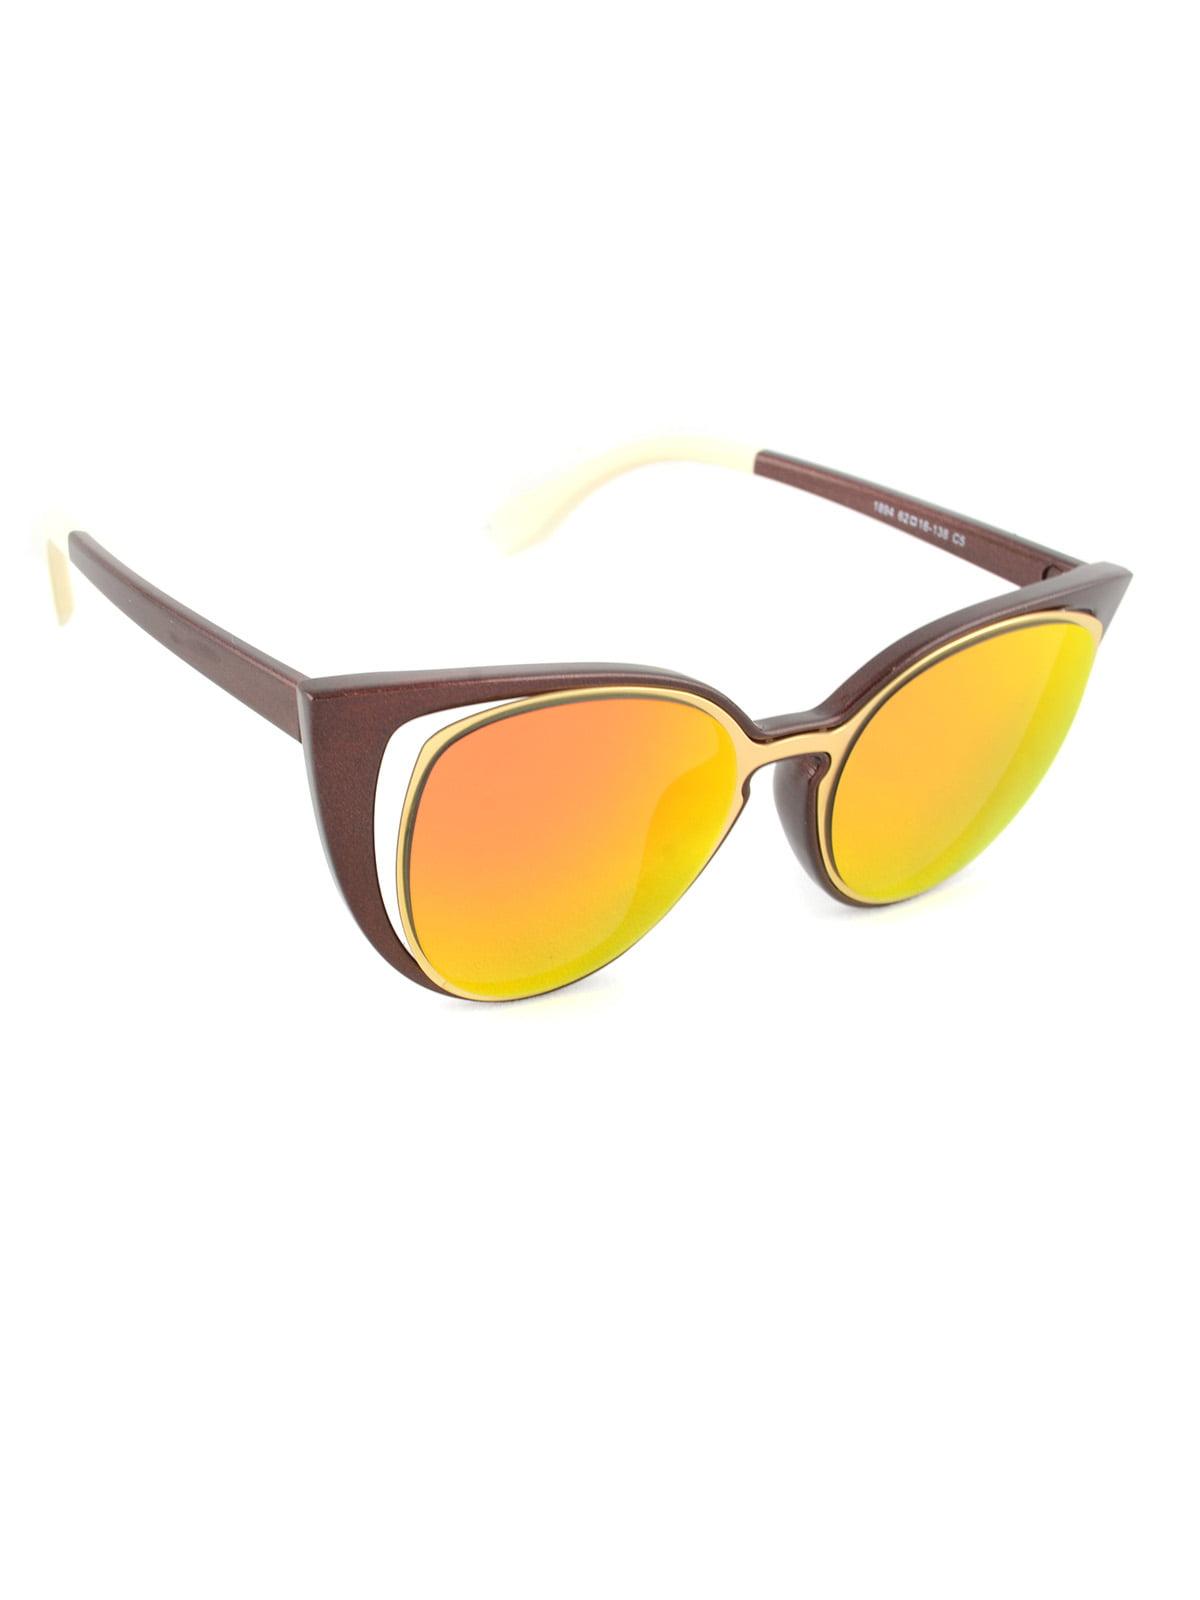 Очки солнцезащитные | 4885341 | фото 2